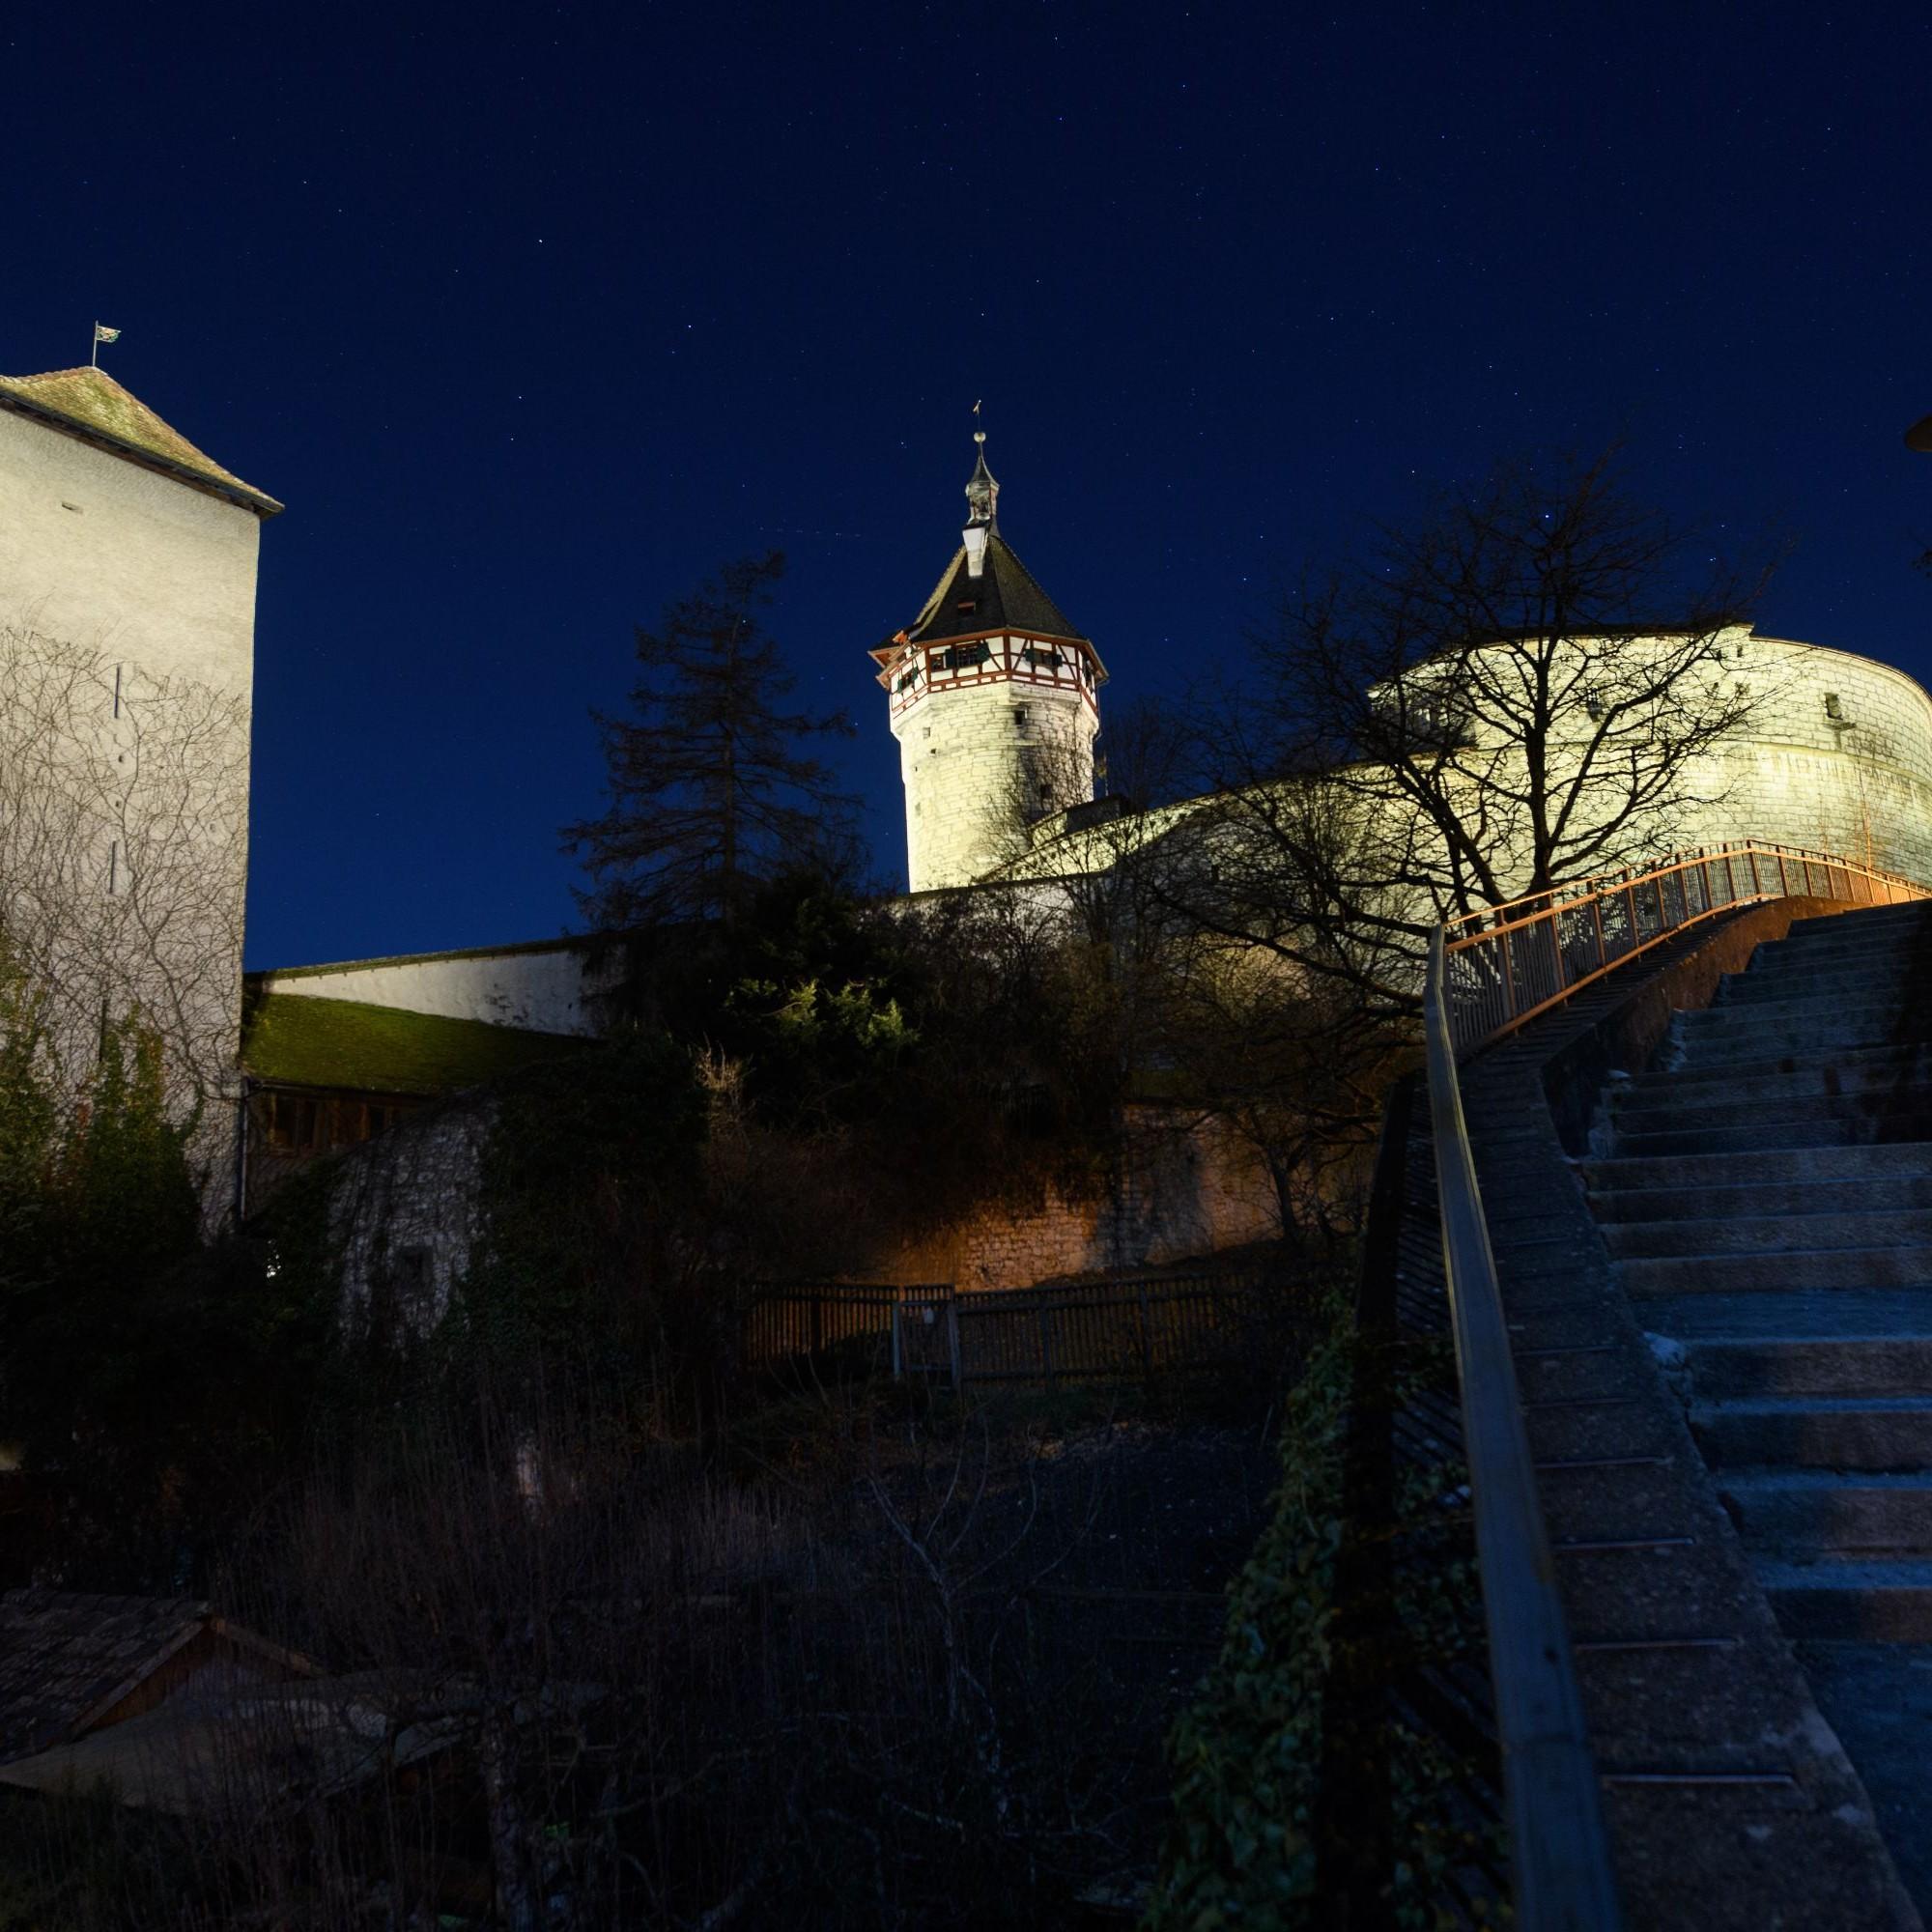 Der Rebhang unterhalb der Festungsanlage bleibt dank gezielter Beleuchtung im Dunkeln.